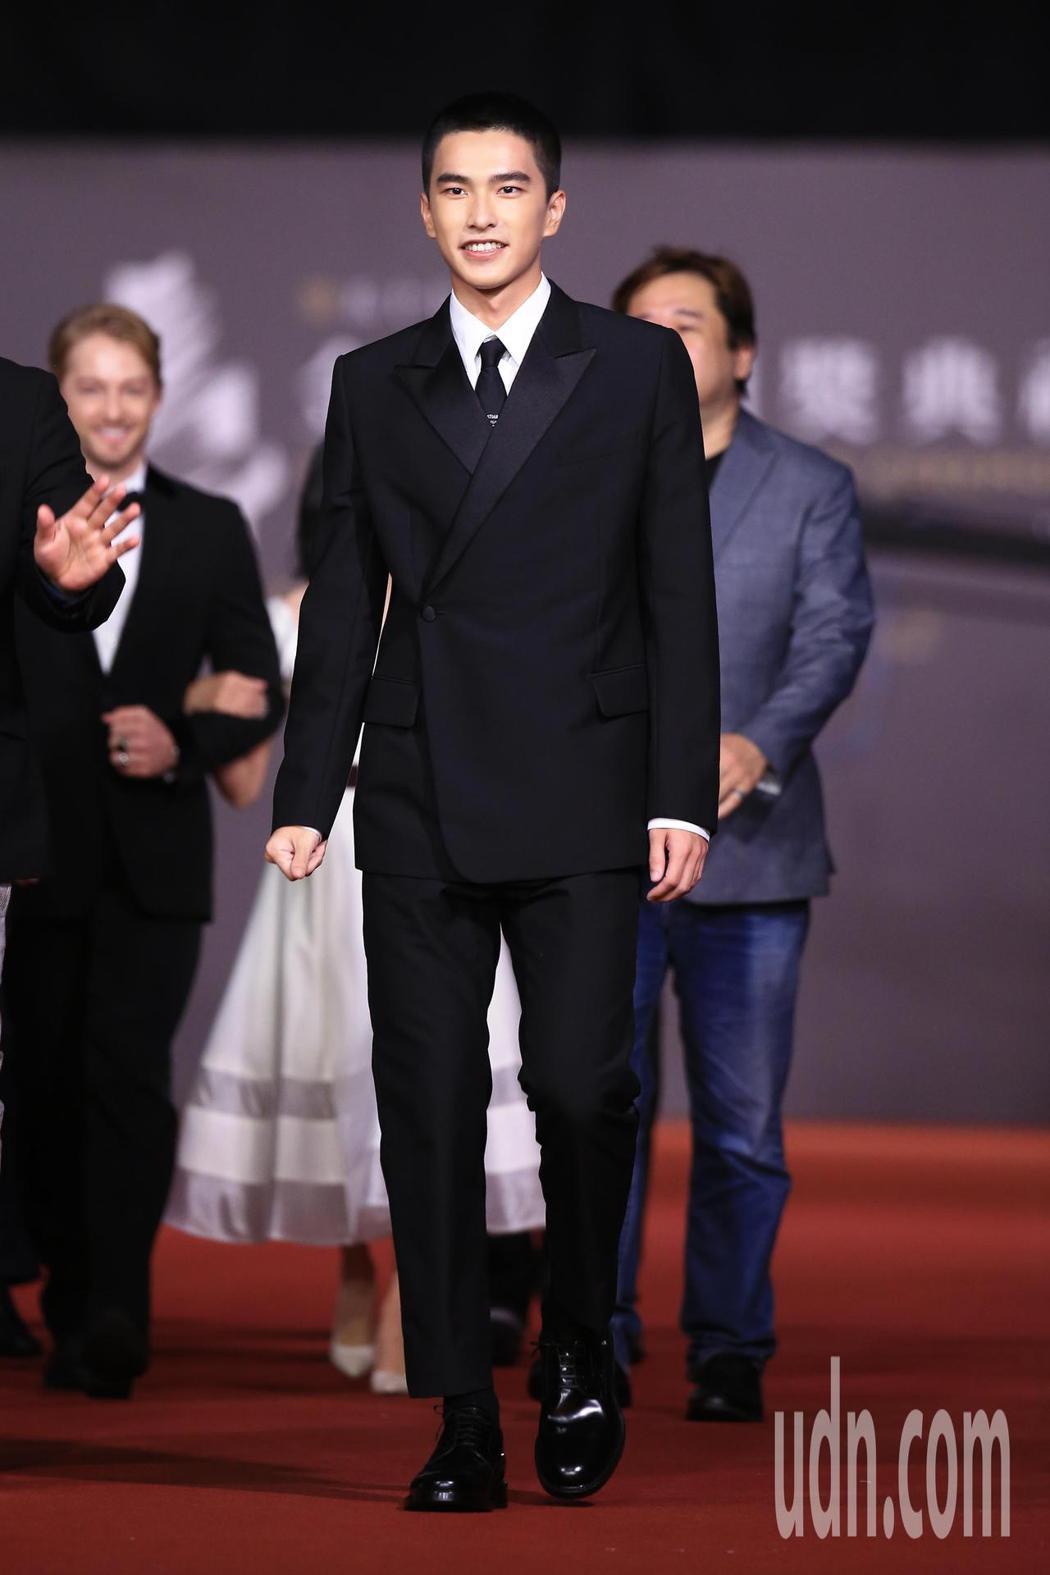 第57屆金馬頒獎典禮,曾敬驊走星光大道。記者林伯東/攝影